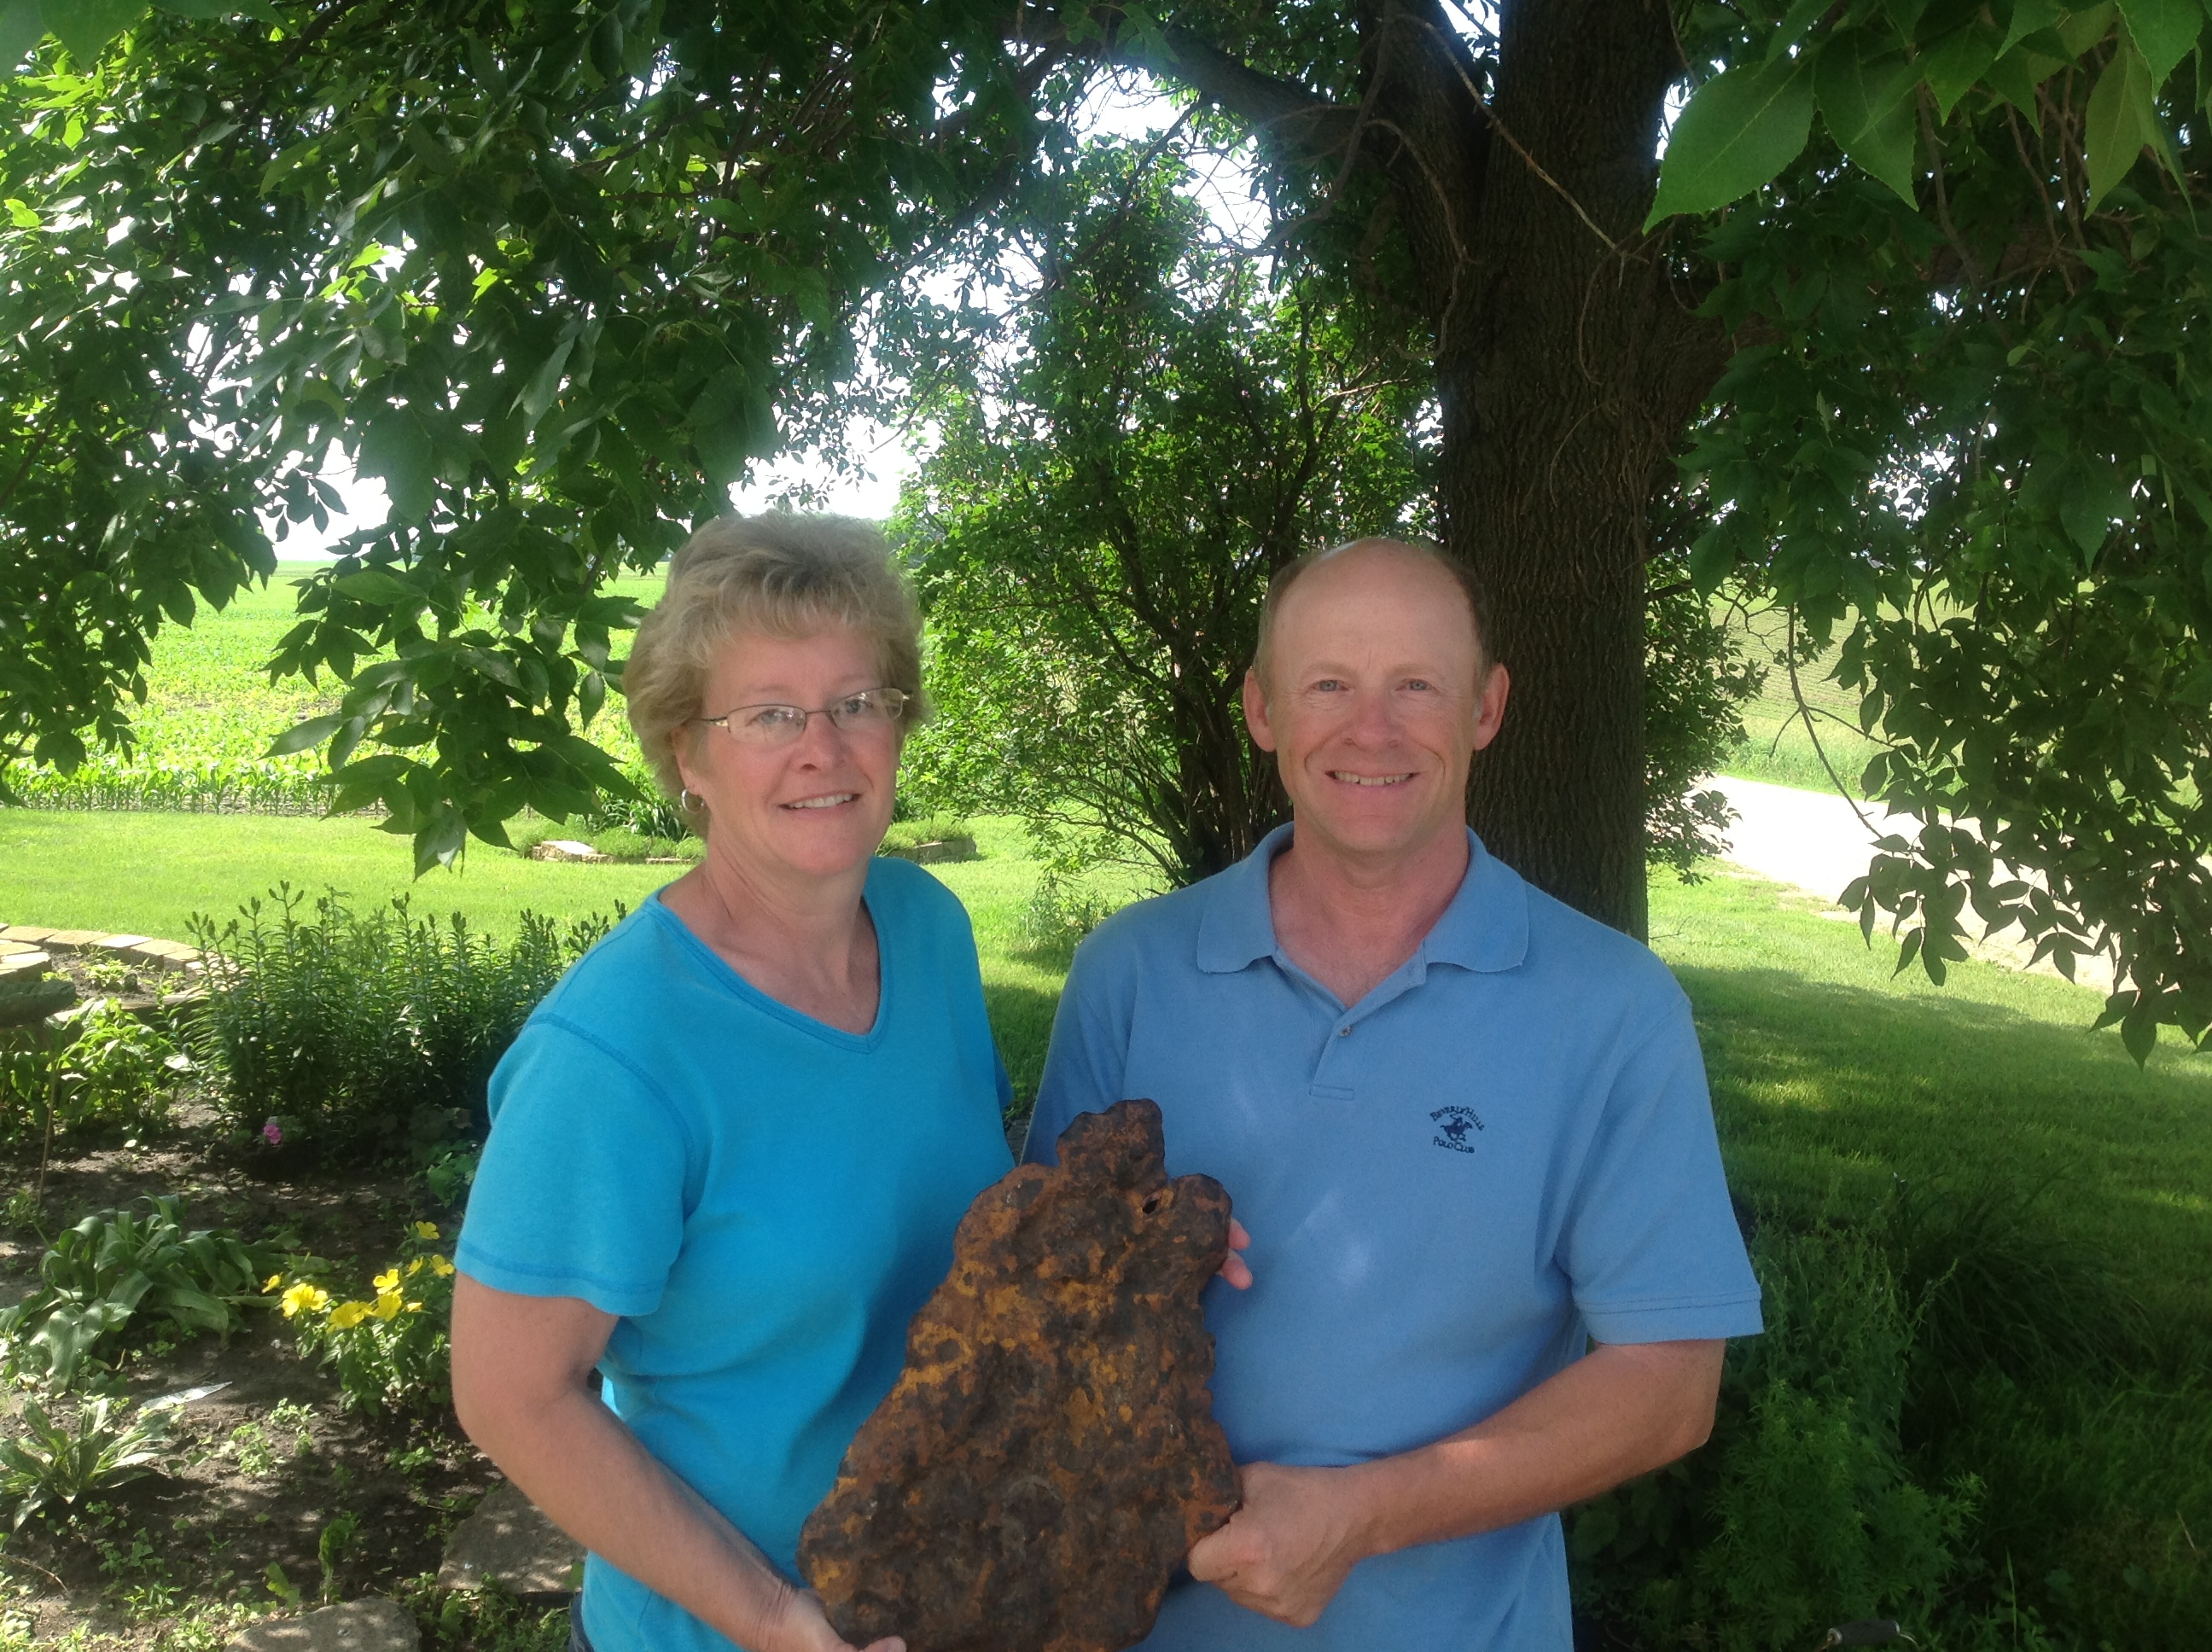 Farmers Discover Rare Meteorite in Minnesota Corn Field